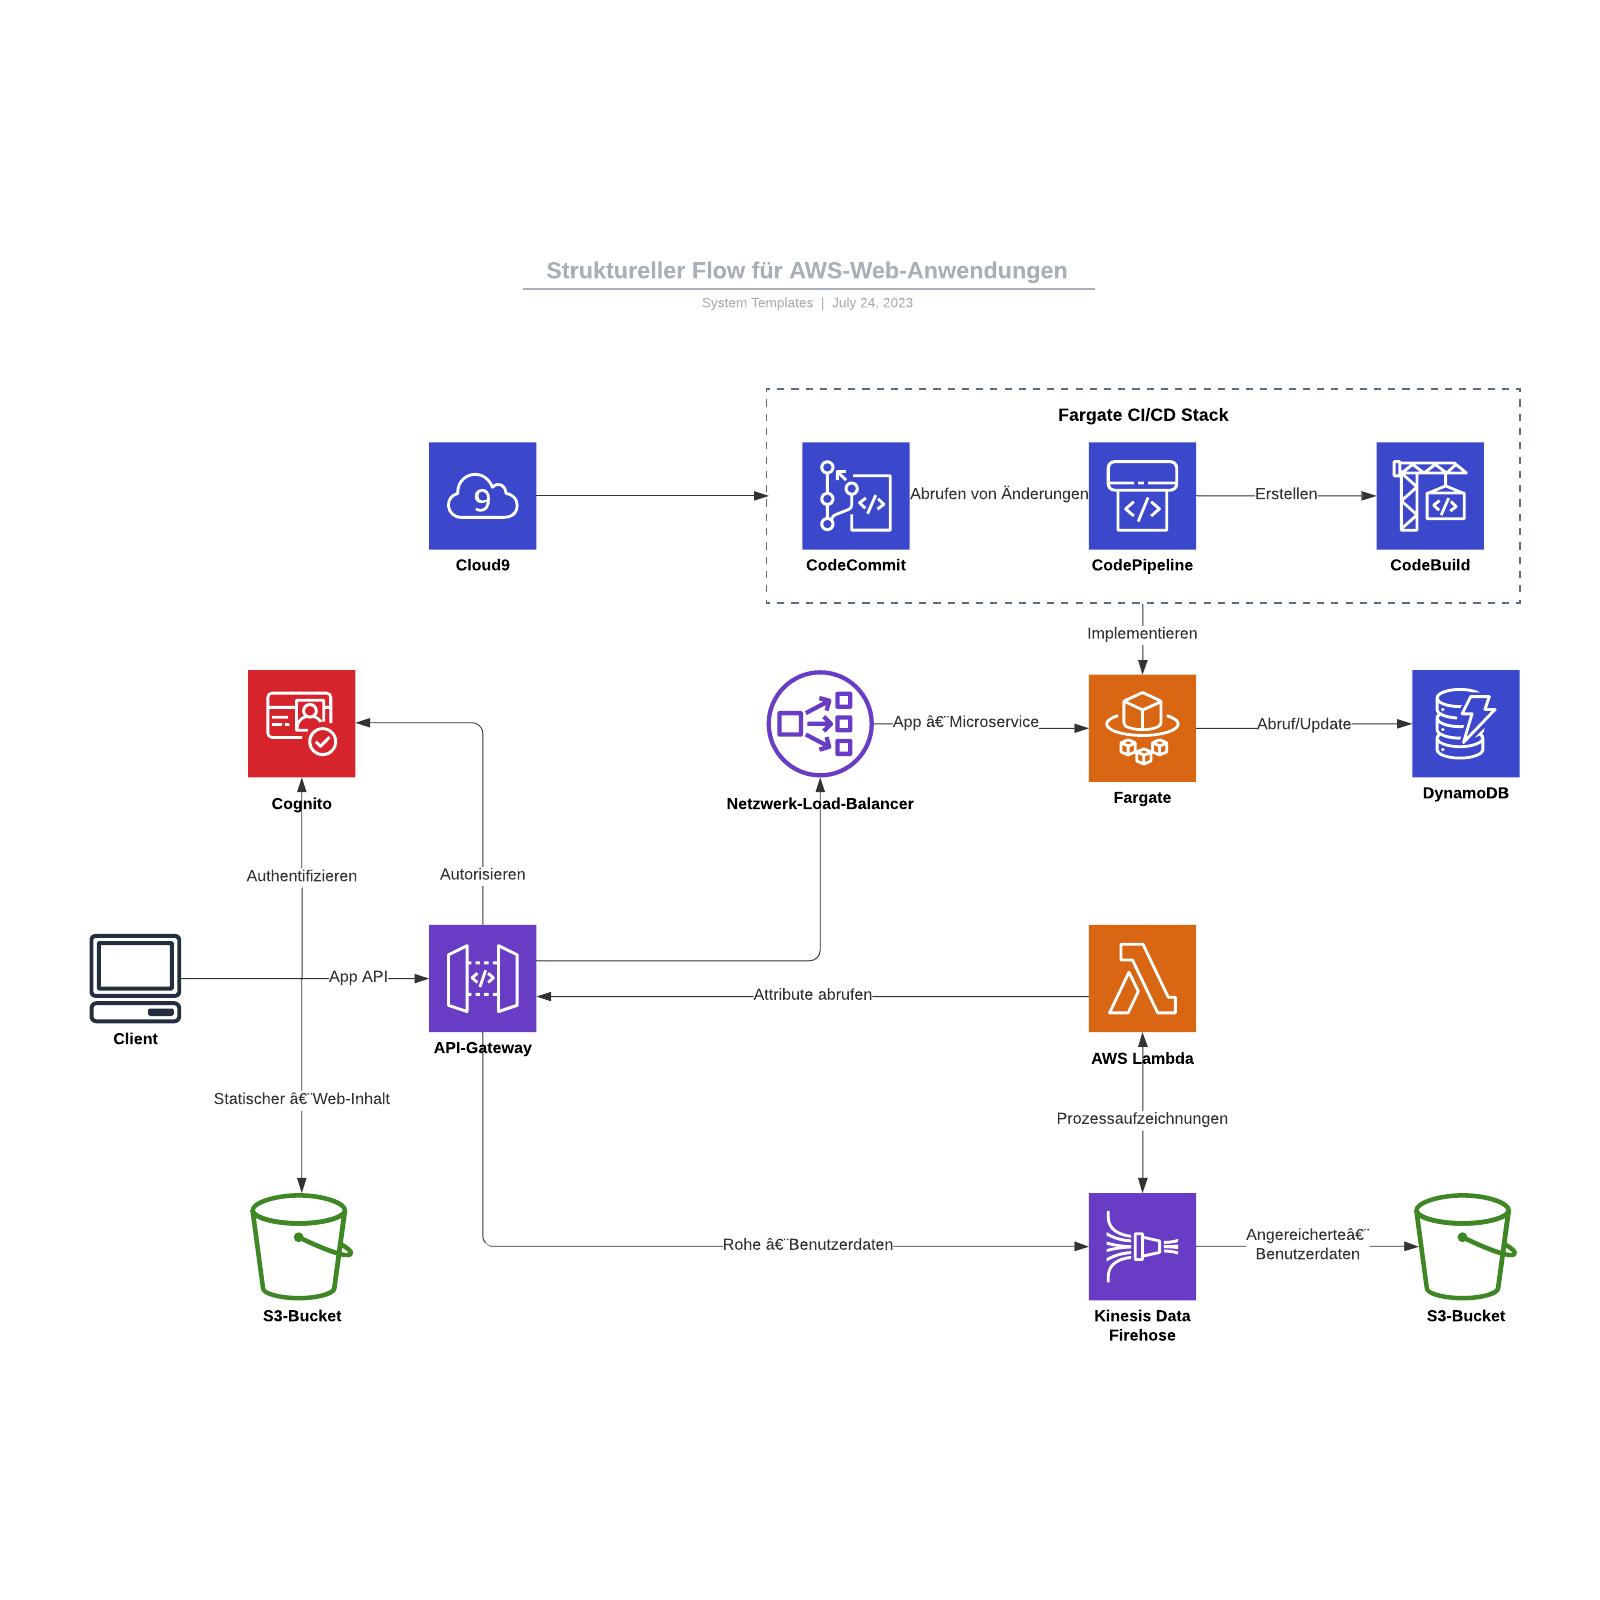 Struktureller Flow für AWS-Web-Anwendungen